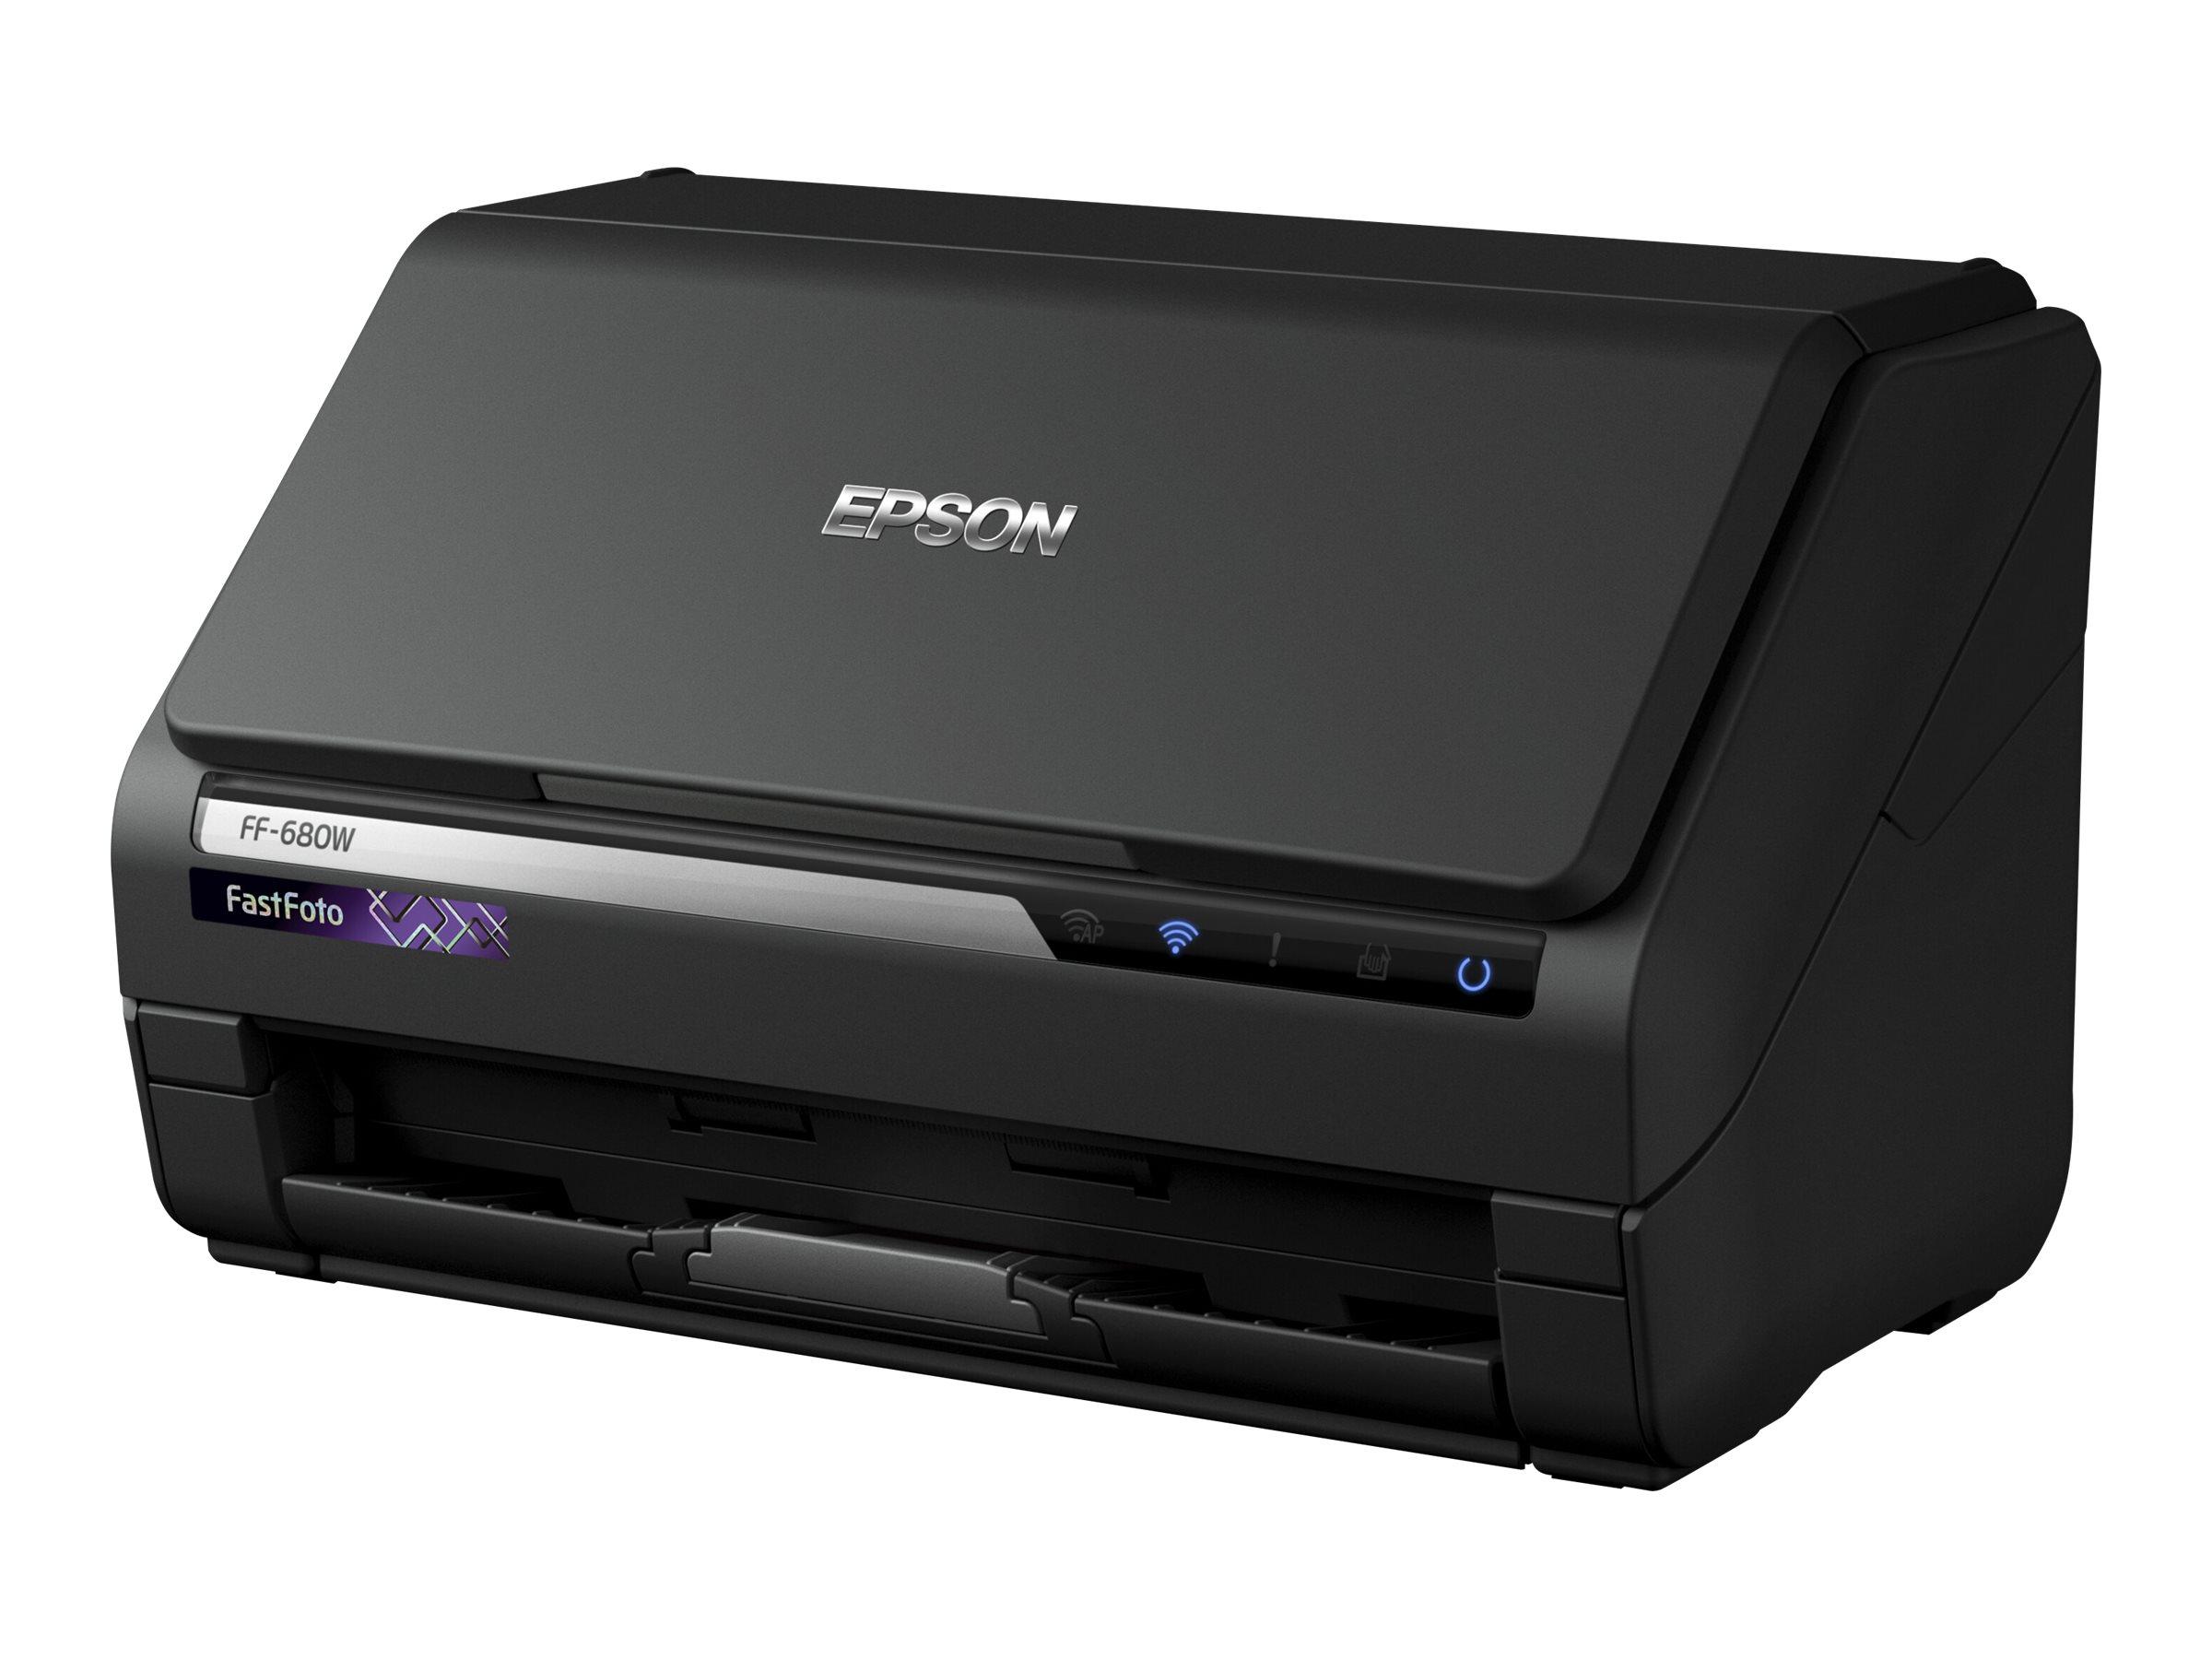 Epson FastFoto FF-680W - Dokumentenscanner - Duplex - A4 - 600 dpi x 600 dpi - bis zu 45 Seiten/Min. (einfarbig) / bis zu 45 Sei